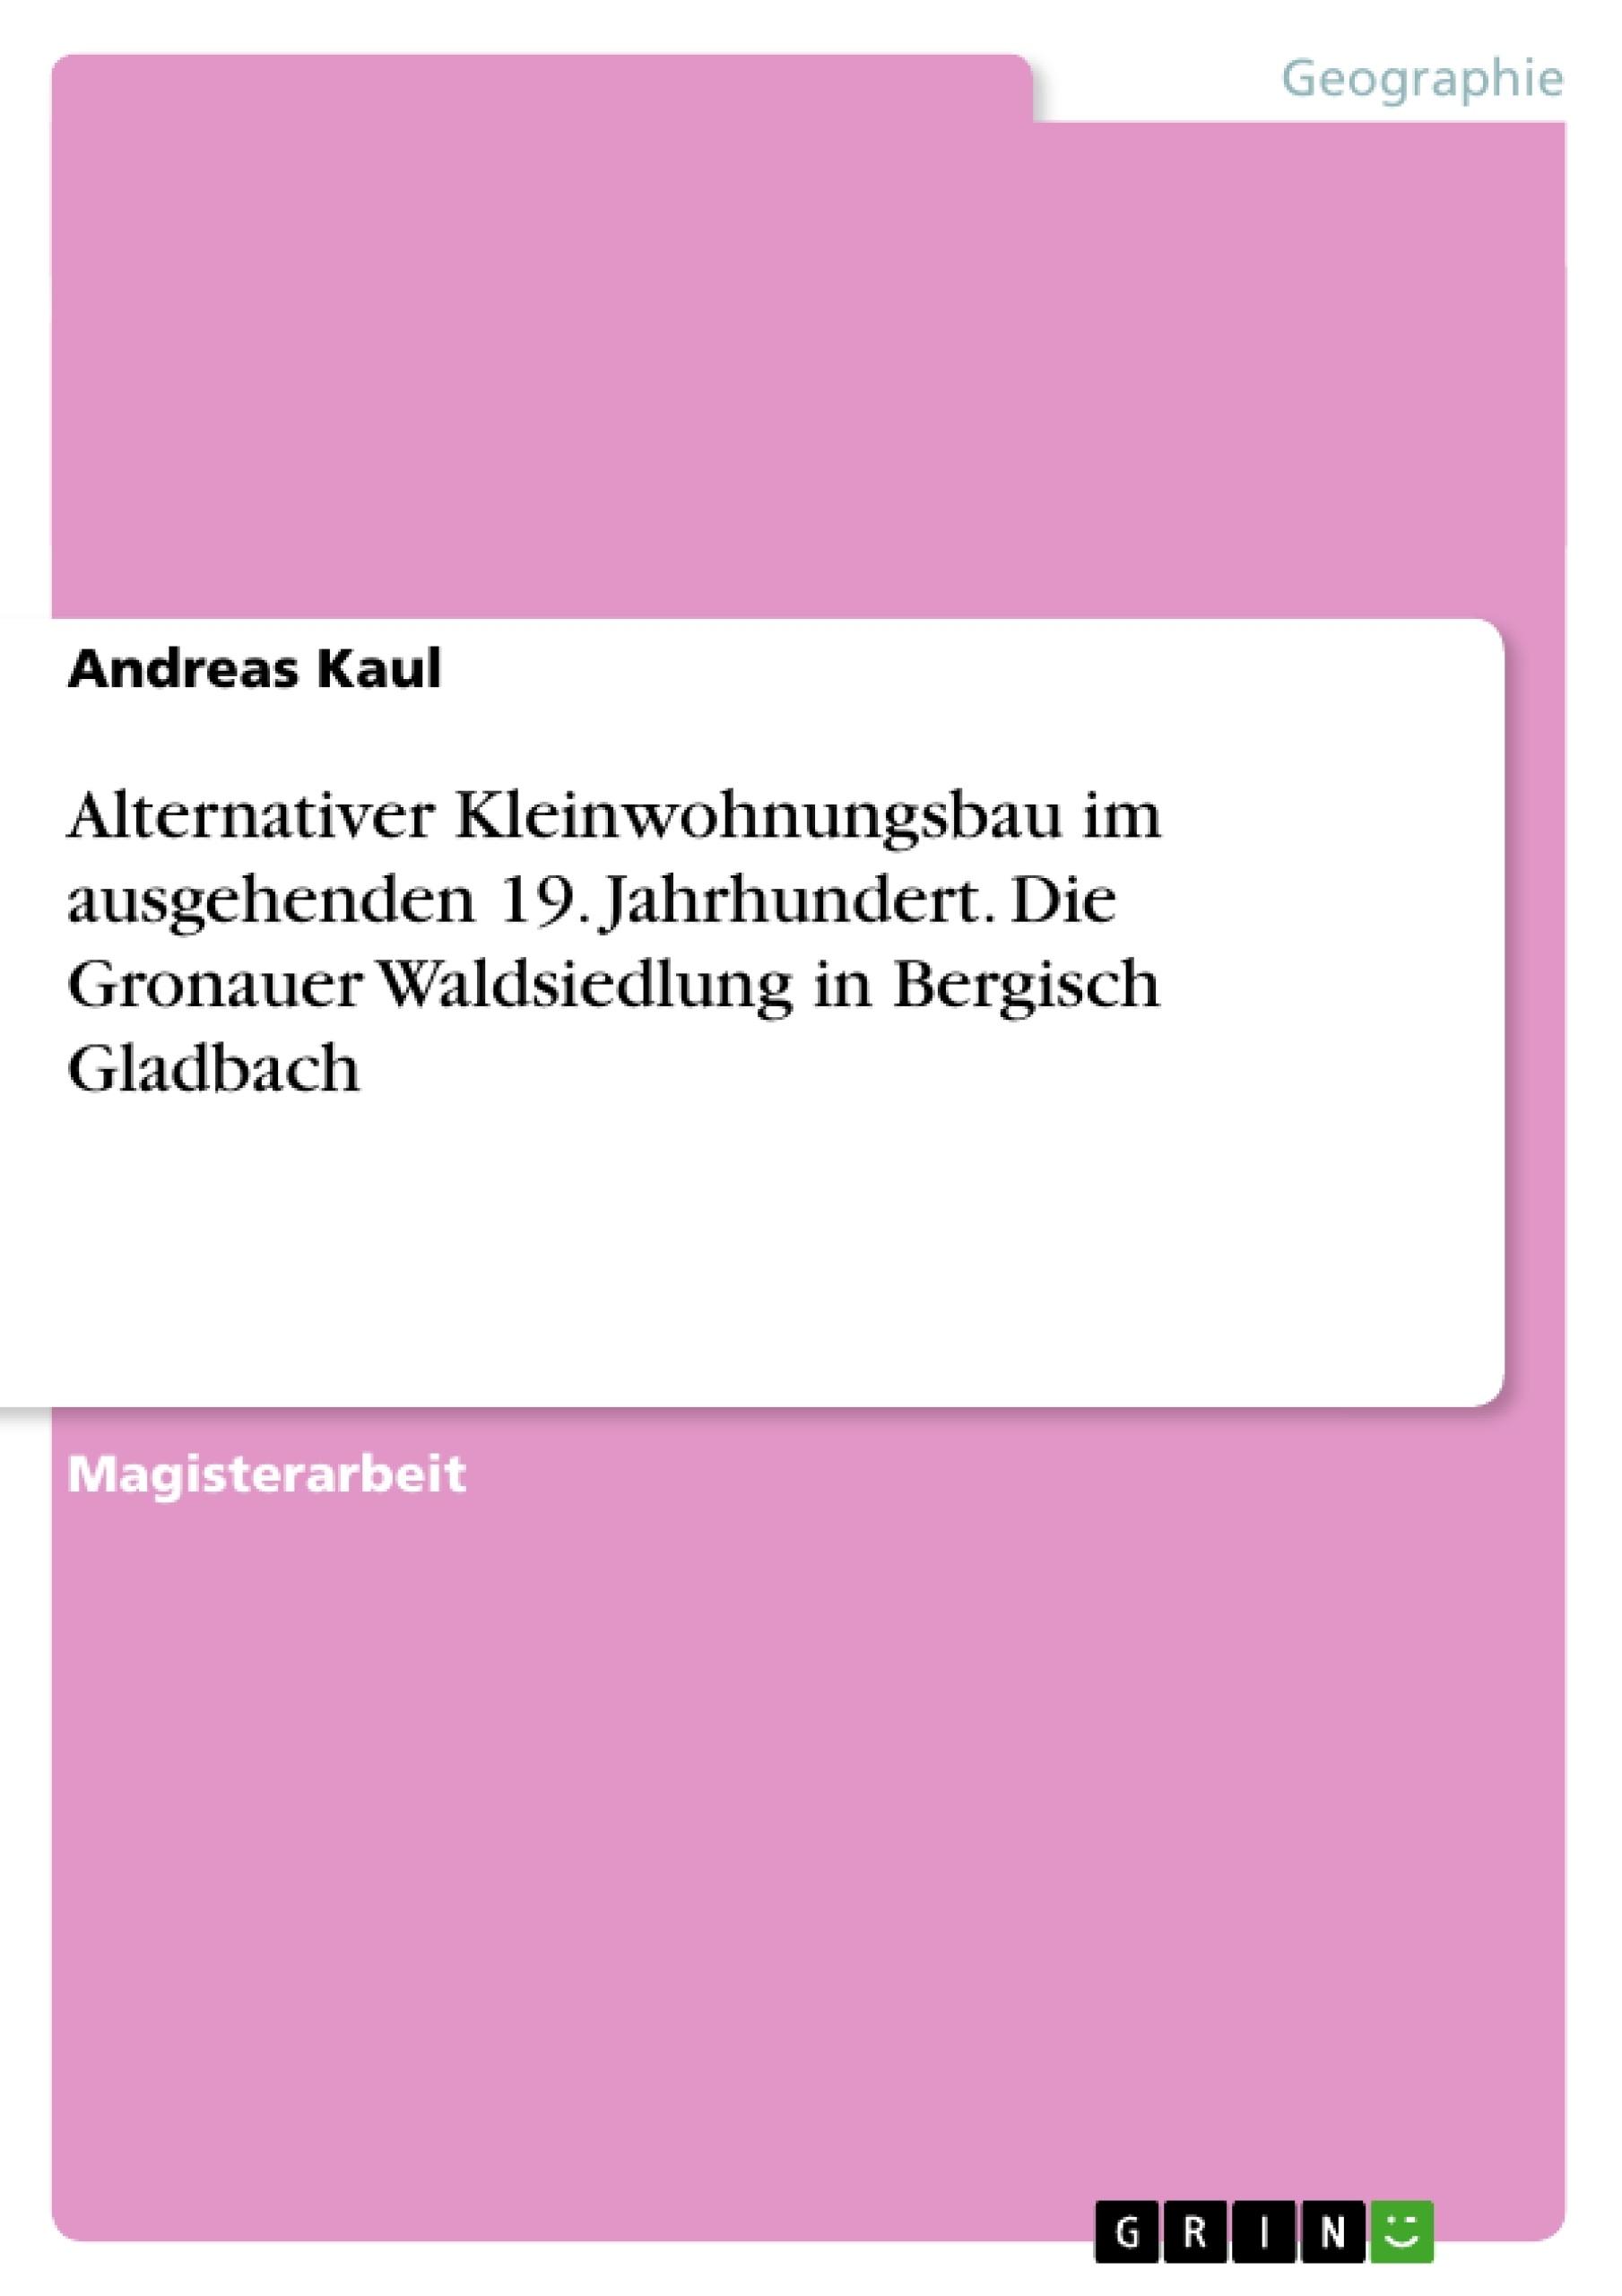 Titel: Alternativer Kleinwohnungsbau im ausgehenden 19. Jahrhundert. Die Gronauer Waldsiedlung in Bergisch Gladbach